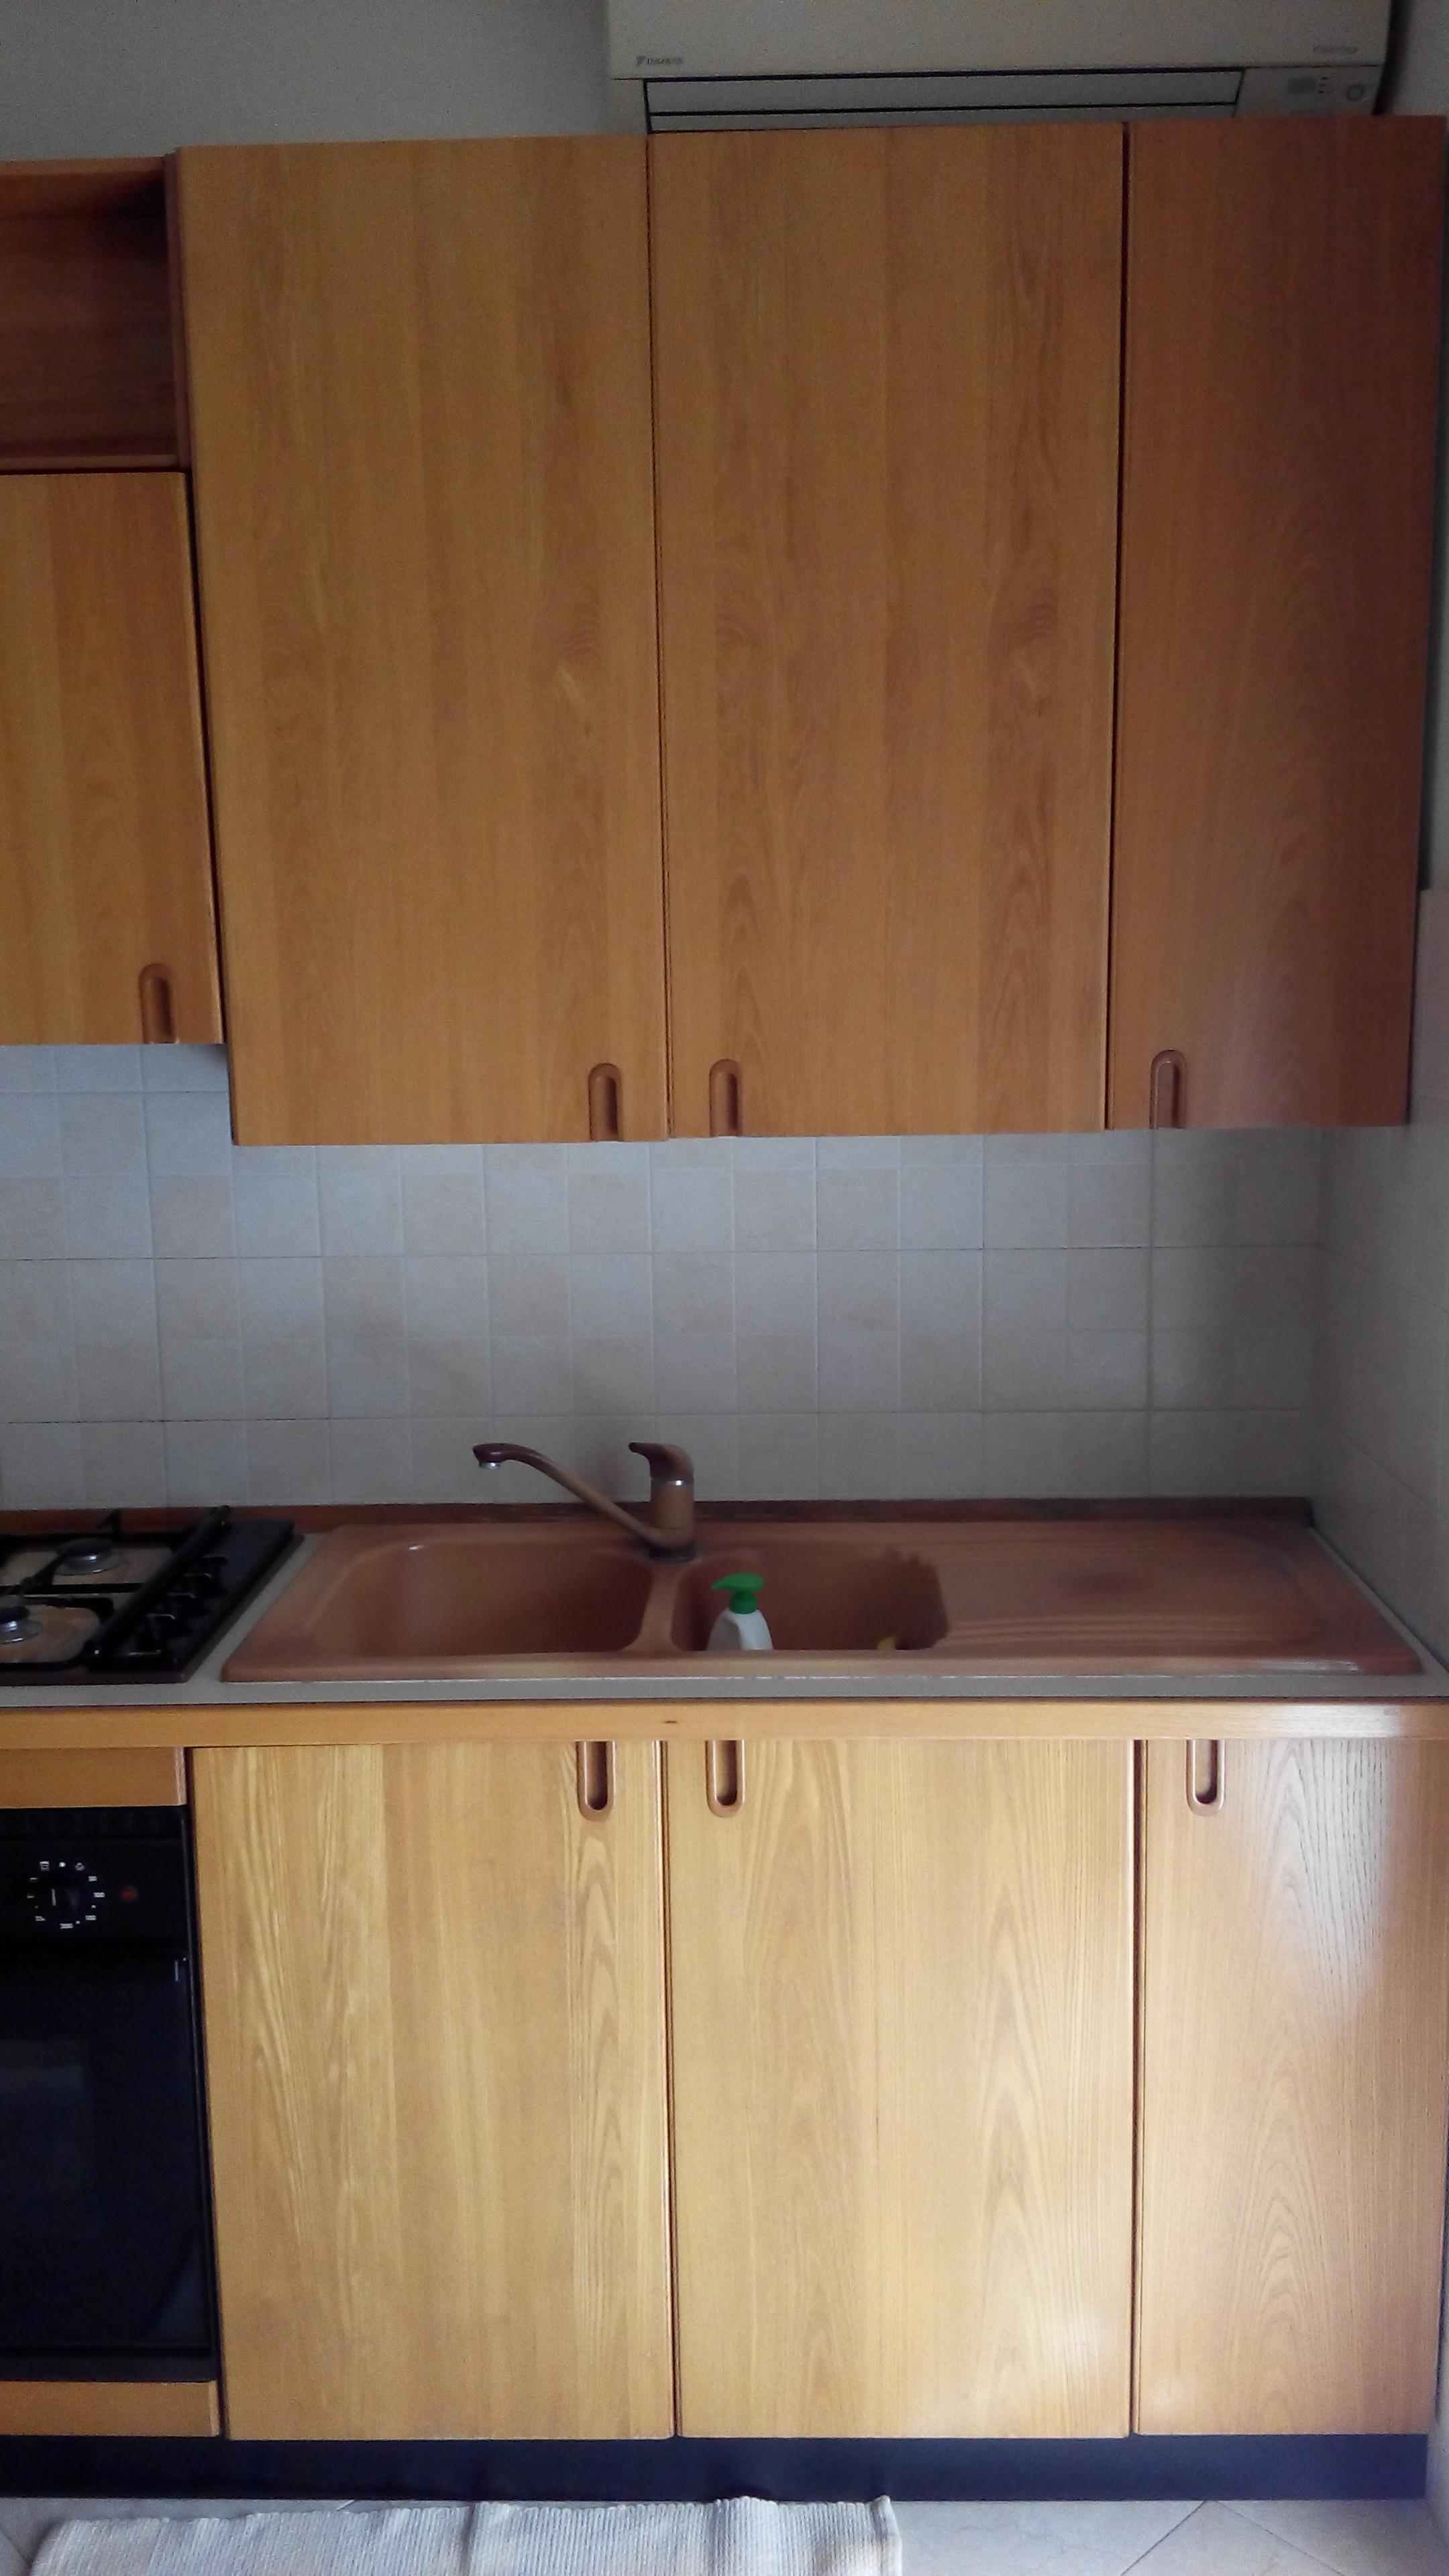 Cucina Ad Angolo Usata : Cucine A Angolo Usate. Cucina Ad Angolo Usata  #926F39 2160 3840 Foto Di Cucine Giocattolo